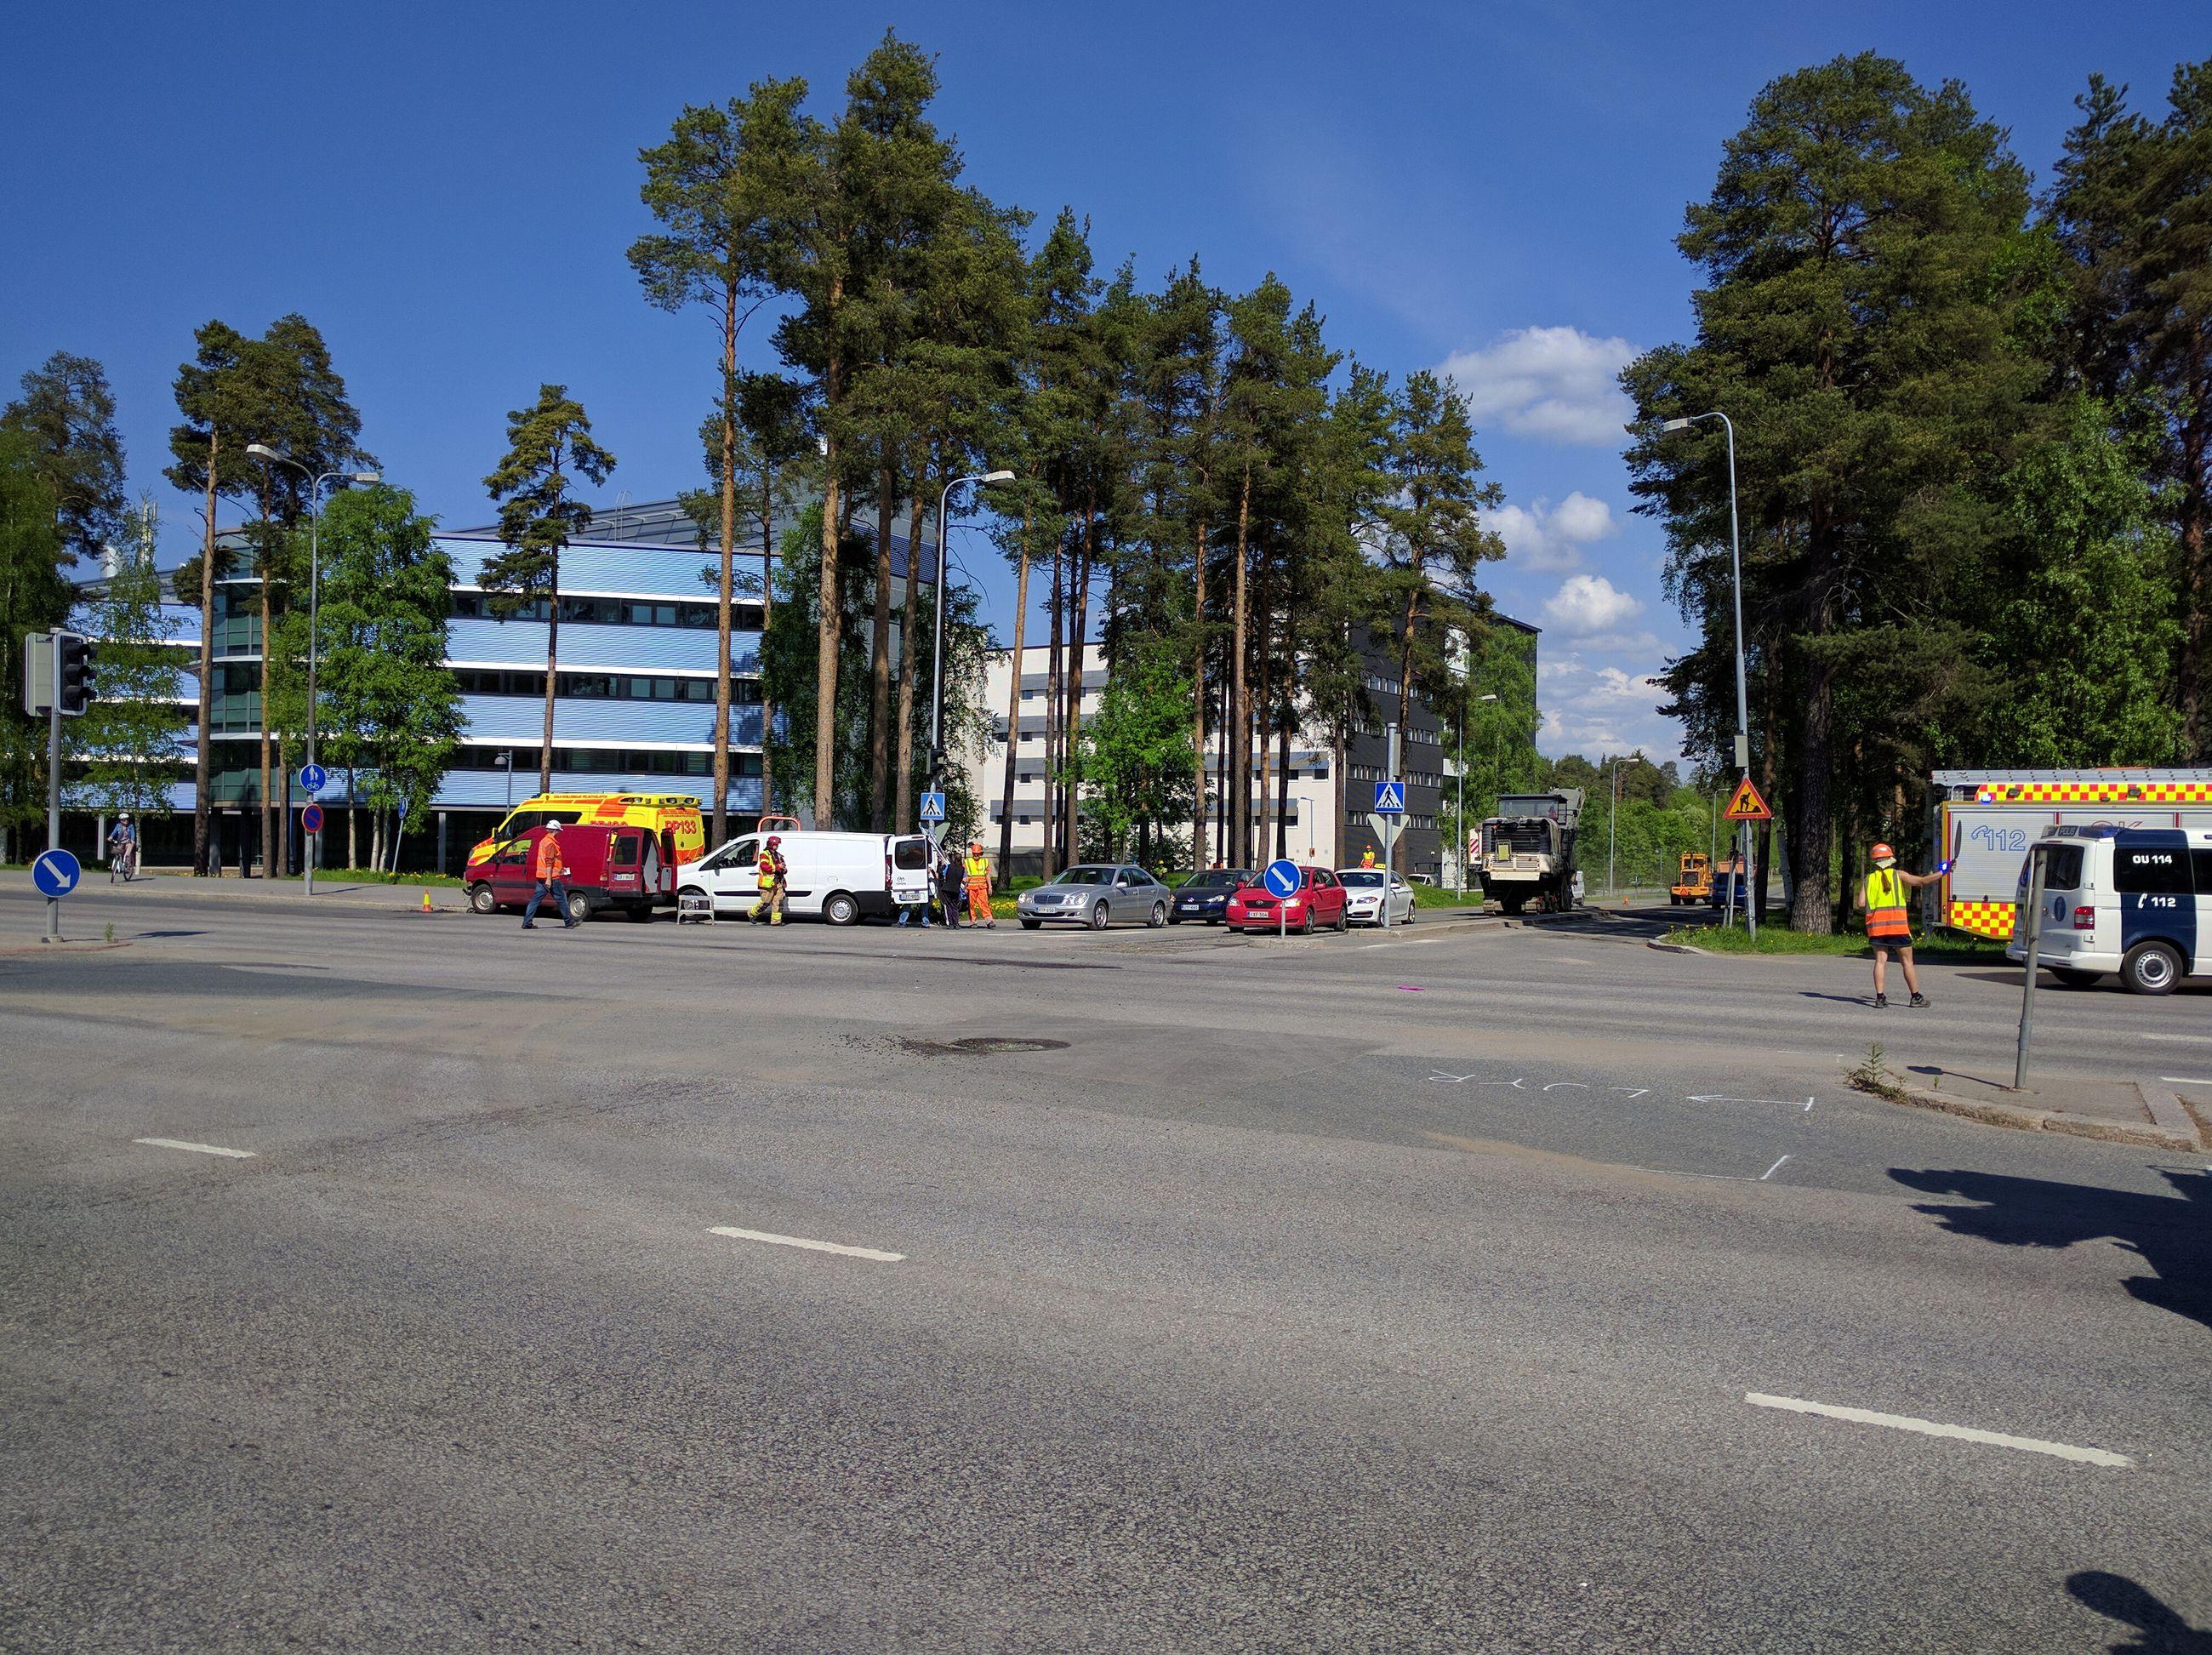 Tietyöt Oulu